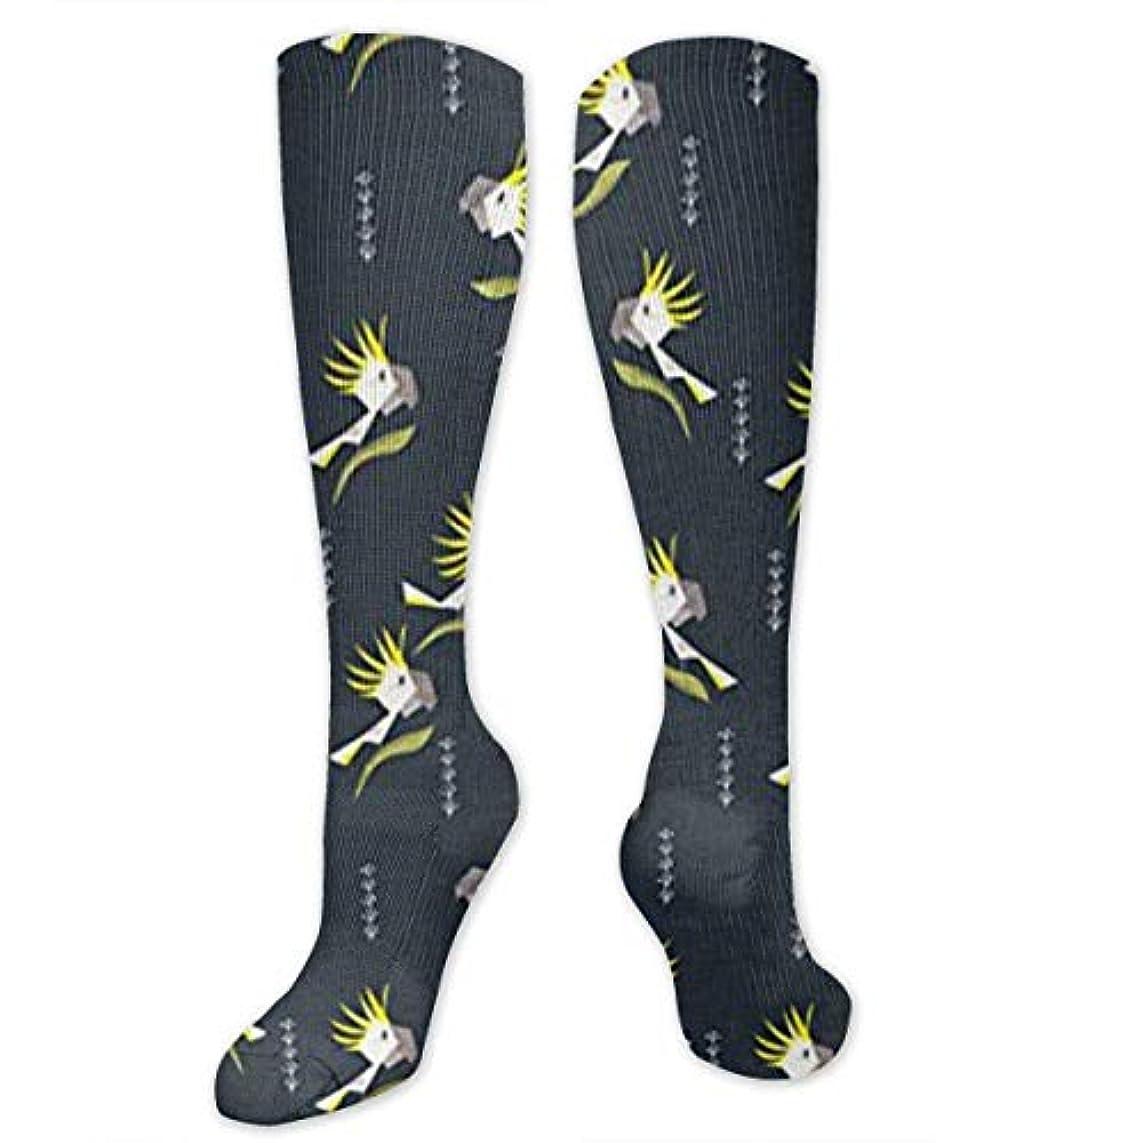 小切手エイズつかむ靴下,ストッキング,野生のジョーカー,実際,秋の本質,冬必須,サマーウェア&RBXAA Sulphur Crested Cockatoos Socks Women's Winter Cotton Long Tube Socks...